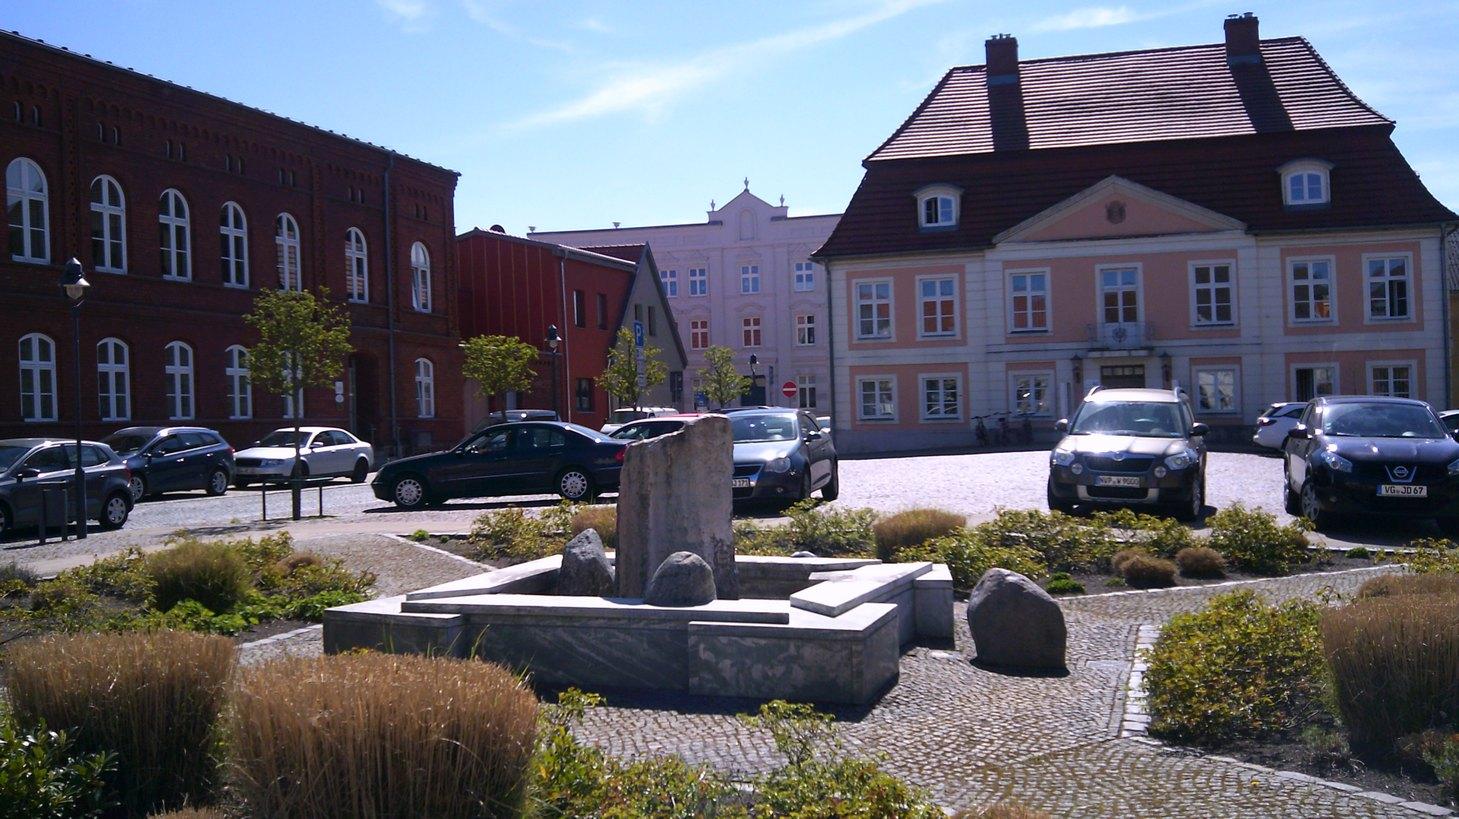 Marktplatz Peene